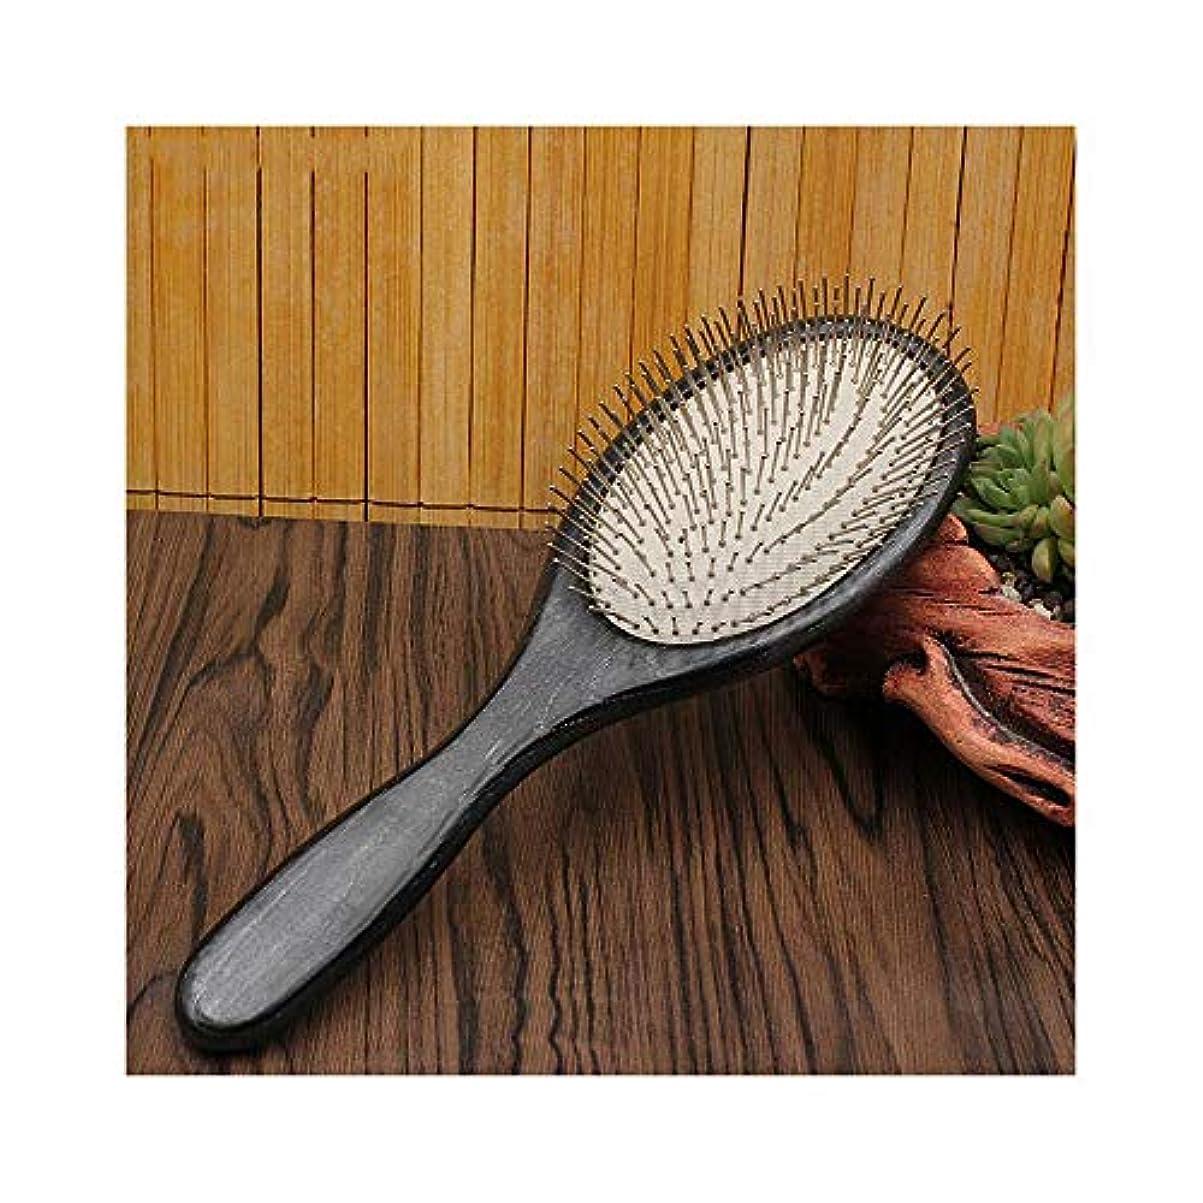 素朴な民間人非公式Fashian木製ヘアブラシ、リラックスのための100%手作りの頭皮マッサージエアクッション髪コームズスタイリング抗静的ブラシ ヘアケア (色 : Round)